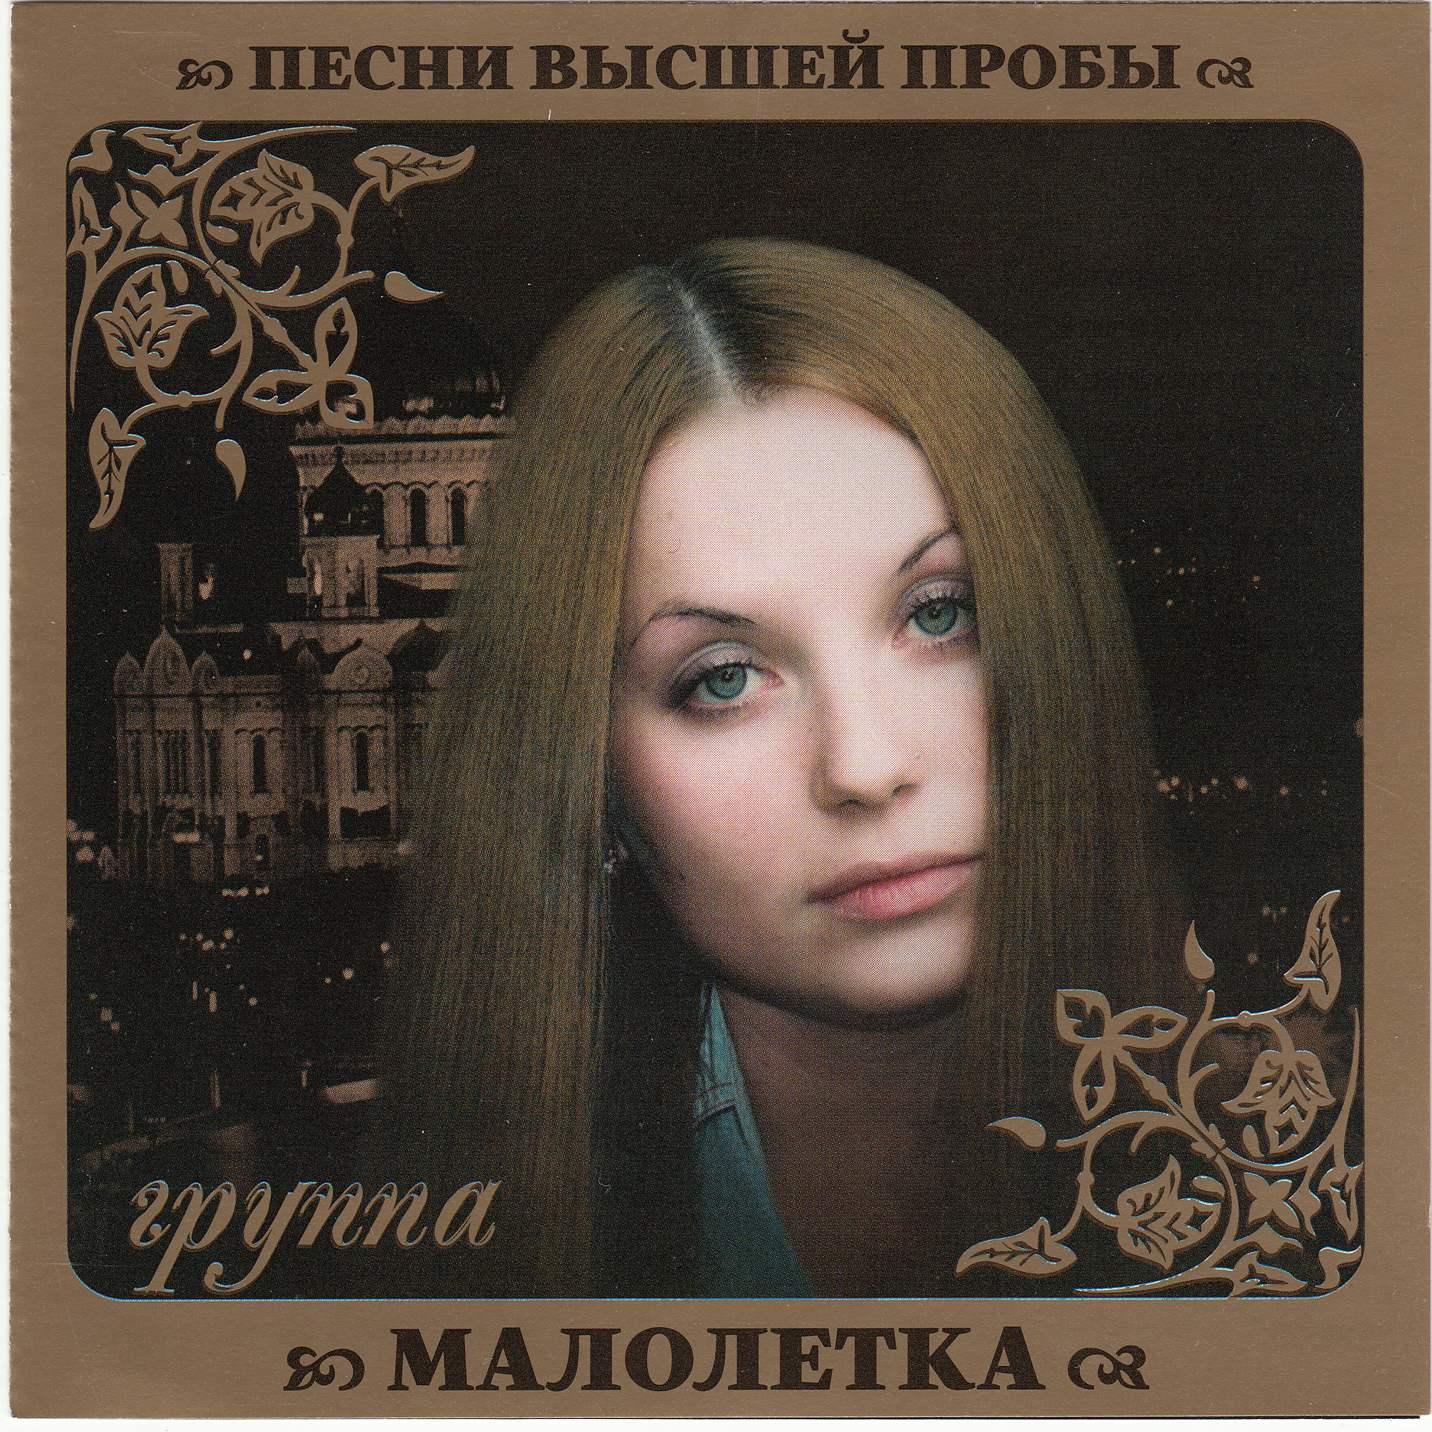 Группа Малолетка - скачать песни группа Малолетка в mp3. s t a l k e r бесп